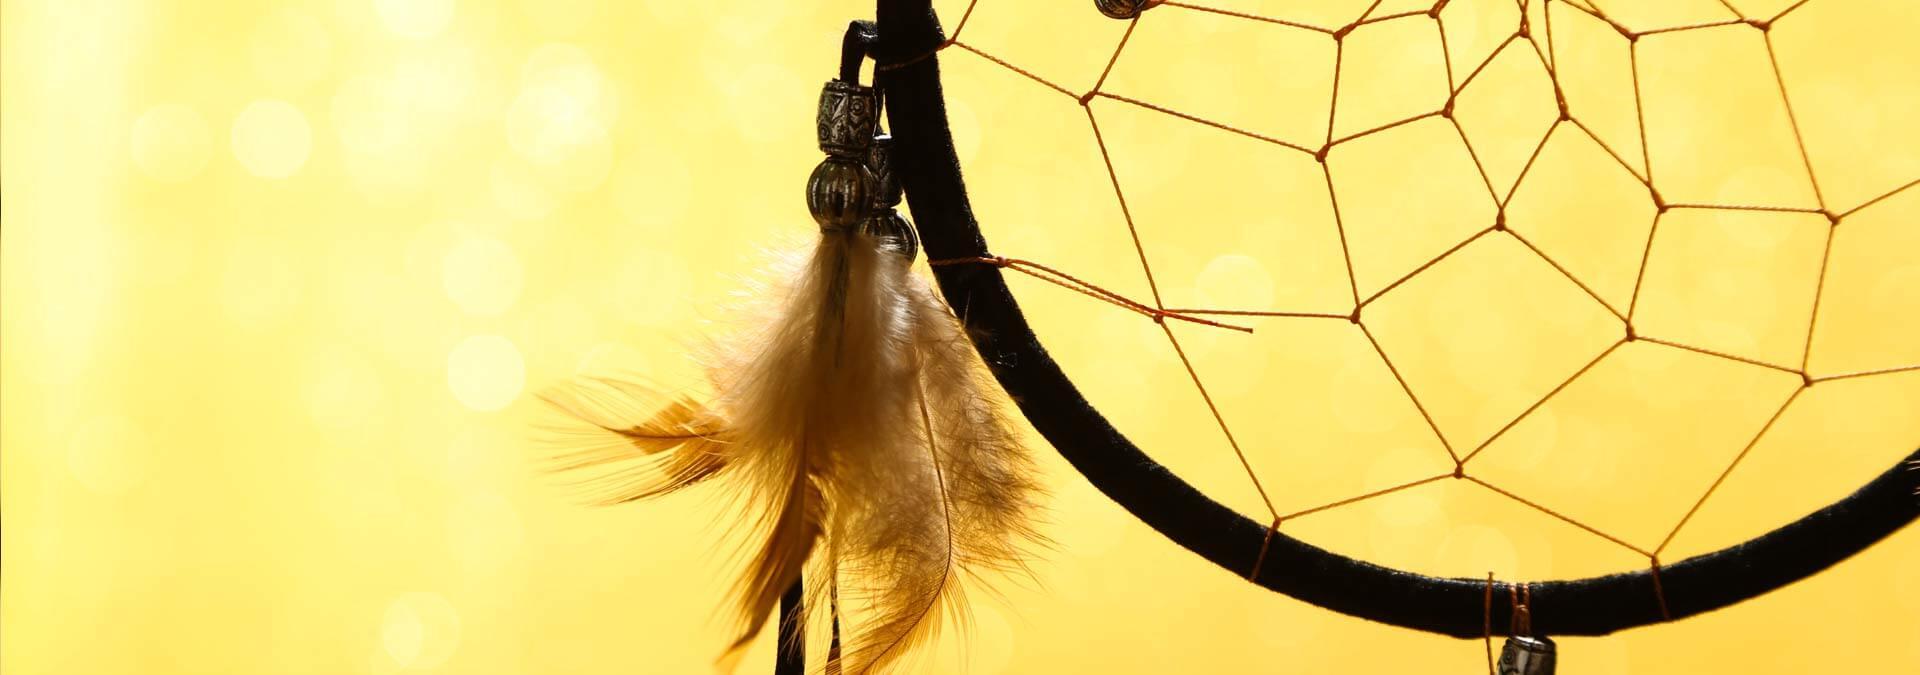 Citaten Over Dromen : Spreuken over dromen hét zingevingsplatform met